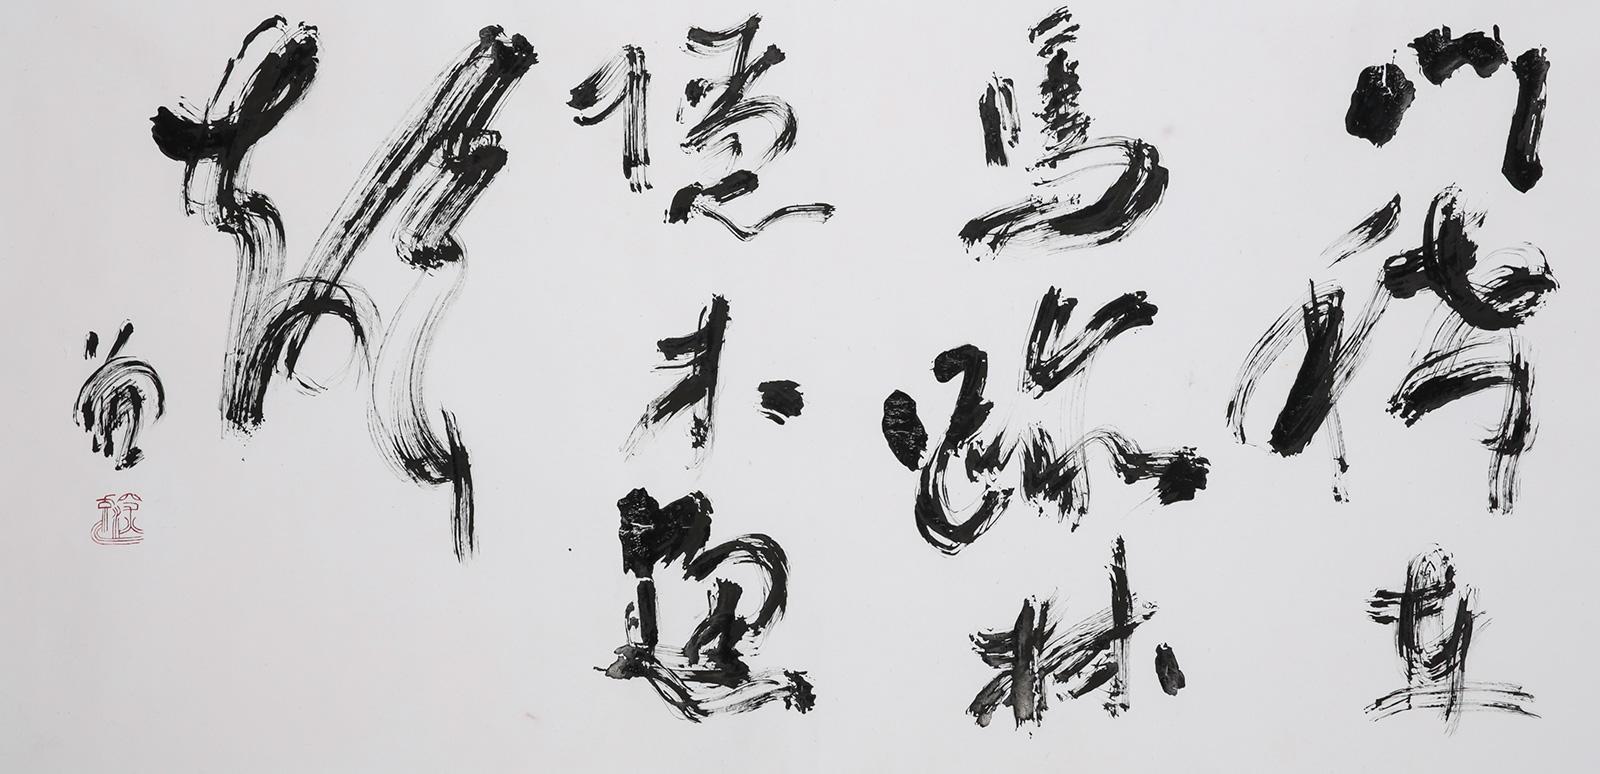 第35回記念産経国際書展新春展出品作「門稀車馬跡林隠木魚聲」(縦70×横135センチ)